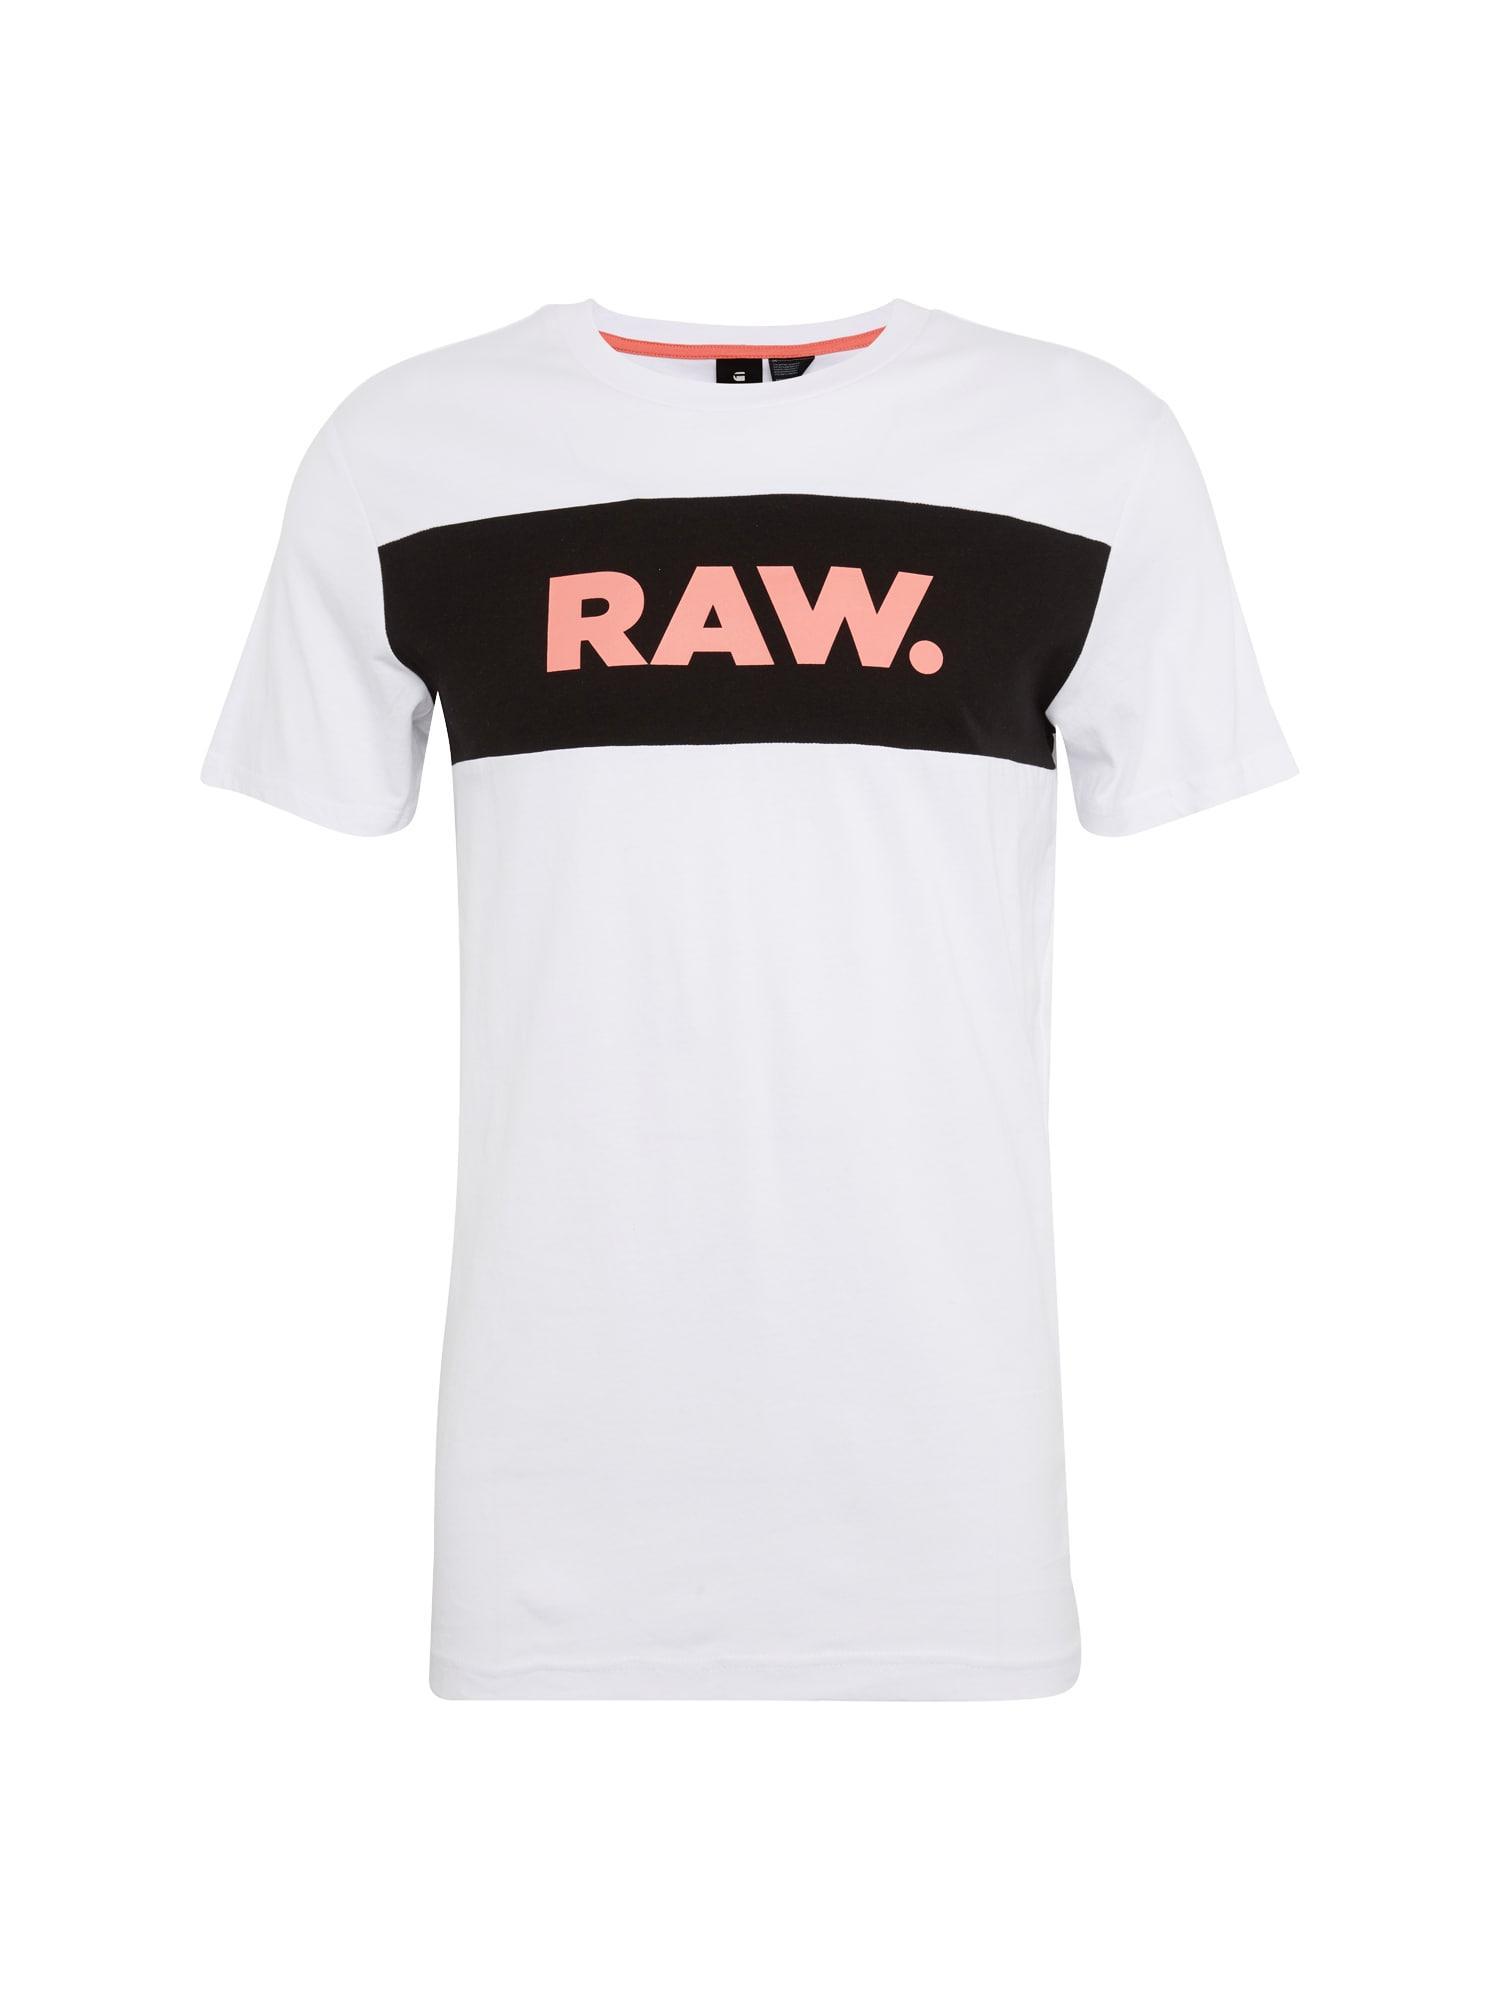 G-STAR RAW Heren Shirt Bellar regular r t s s wit